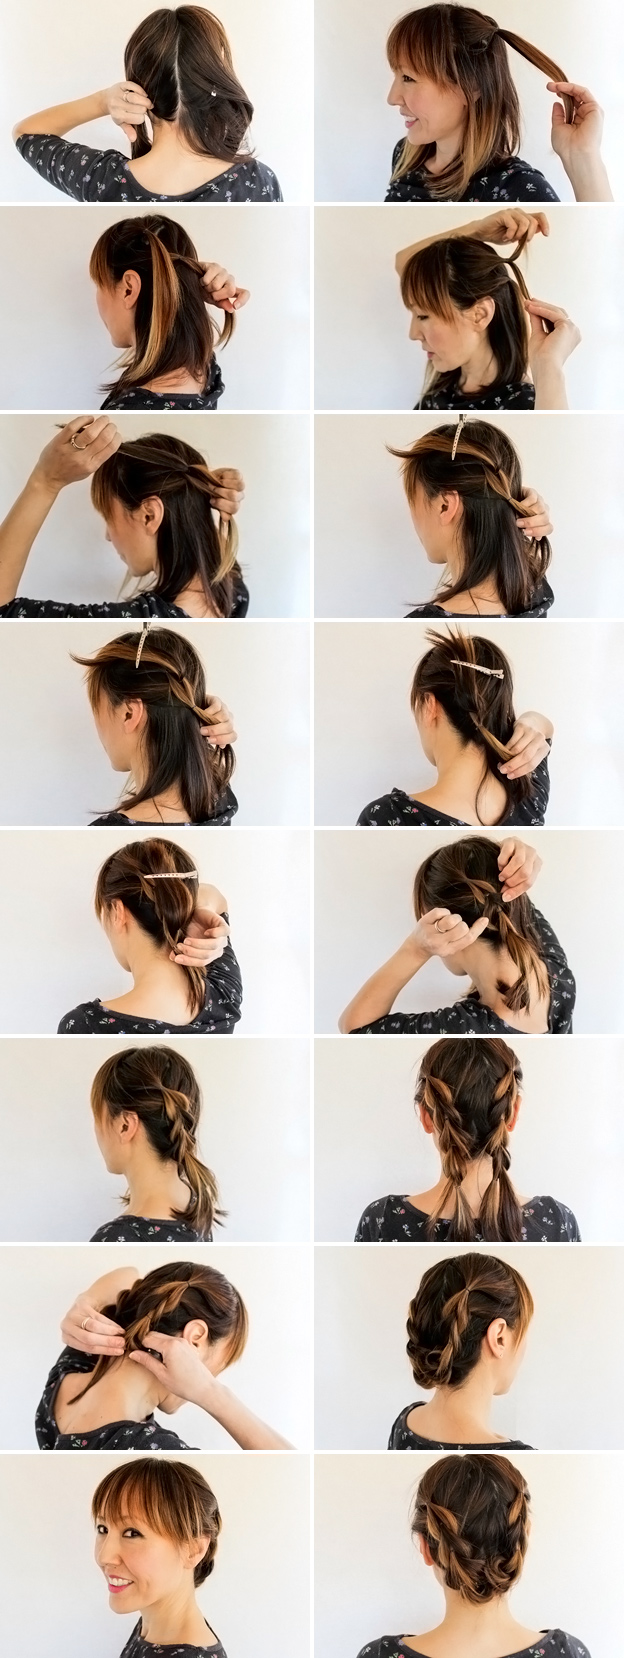 Как просто сделать прическу в домашних условиях на средние волосы